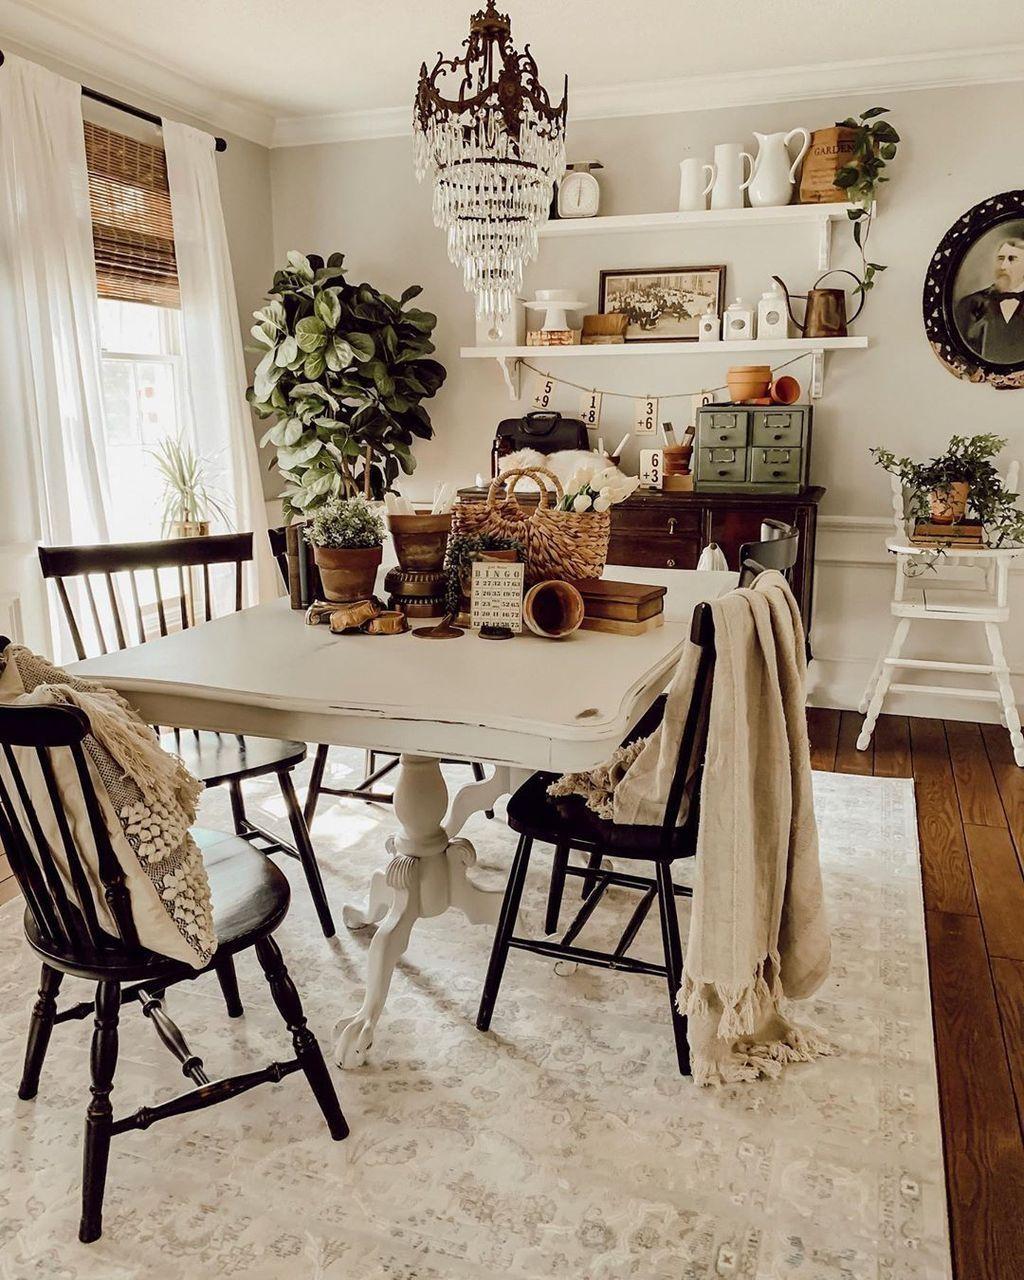 40 Stylish Farmhouse Style Ideas For Dining Room Country Dining Rooms Shabby Chic Dining Room Dining Room Decor